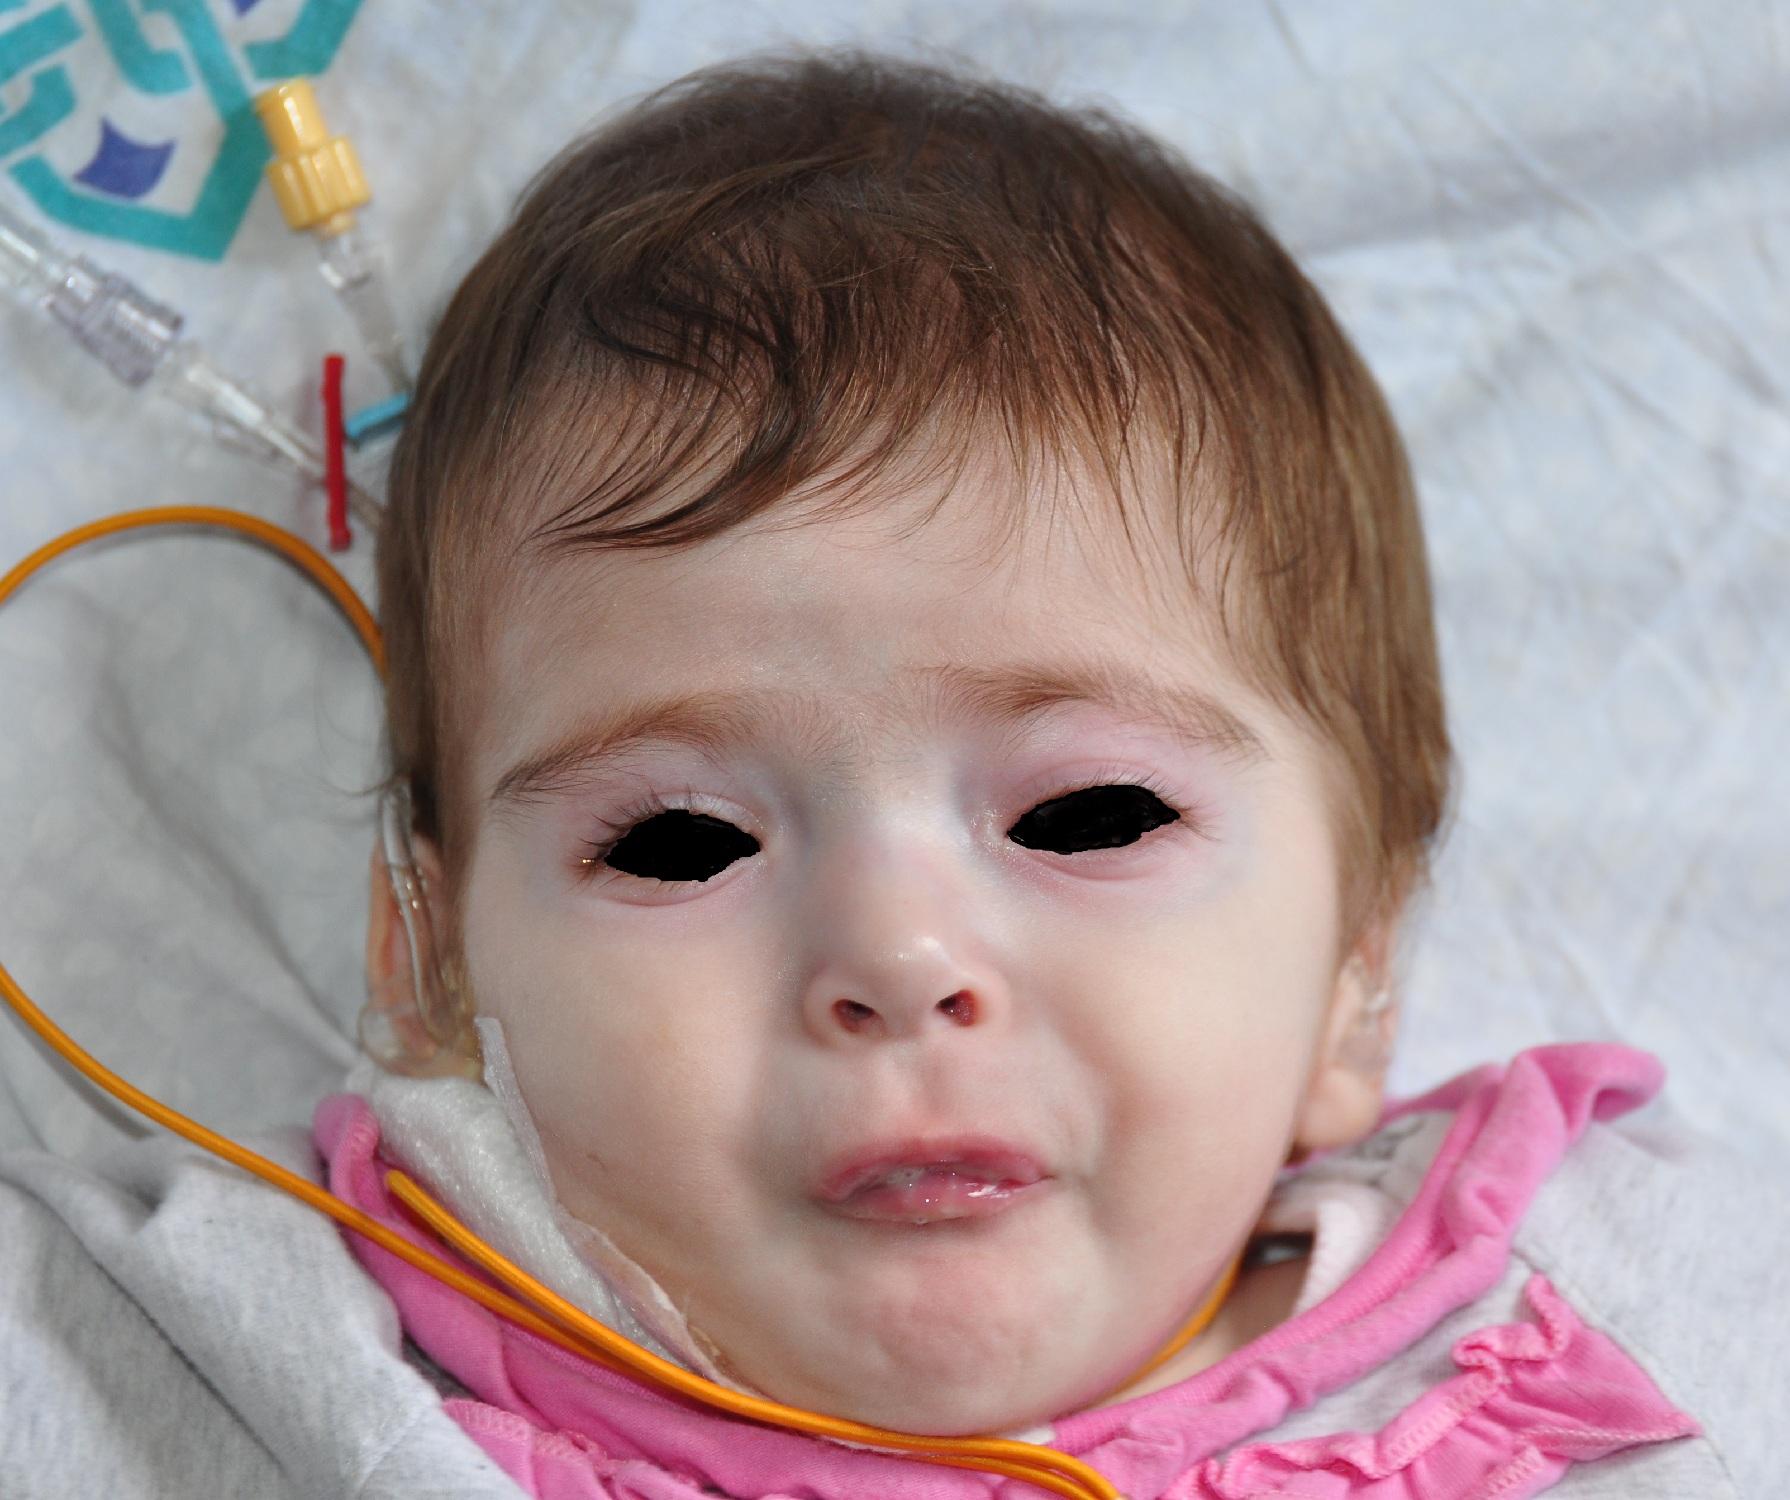 Fotoğraf 1, Olgunun yüz görünümü.jpg